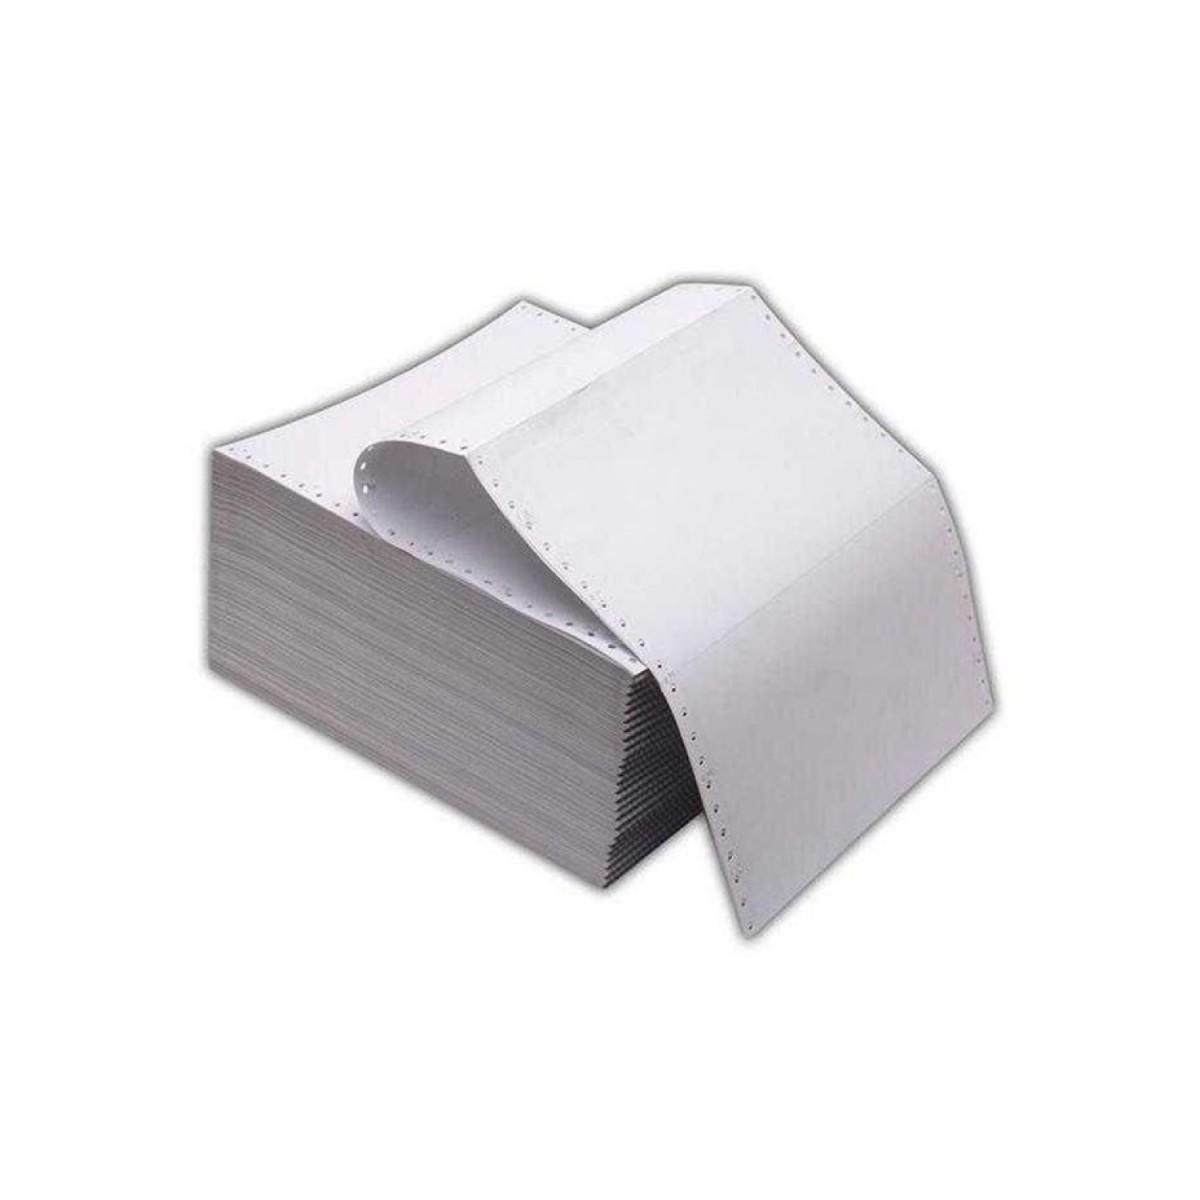 Meteksan 11x24 1 Nüsha 60 Gr 2000 Li Bilgisayar Kağıdı